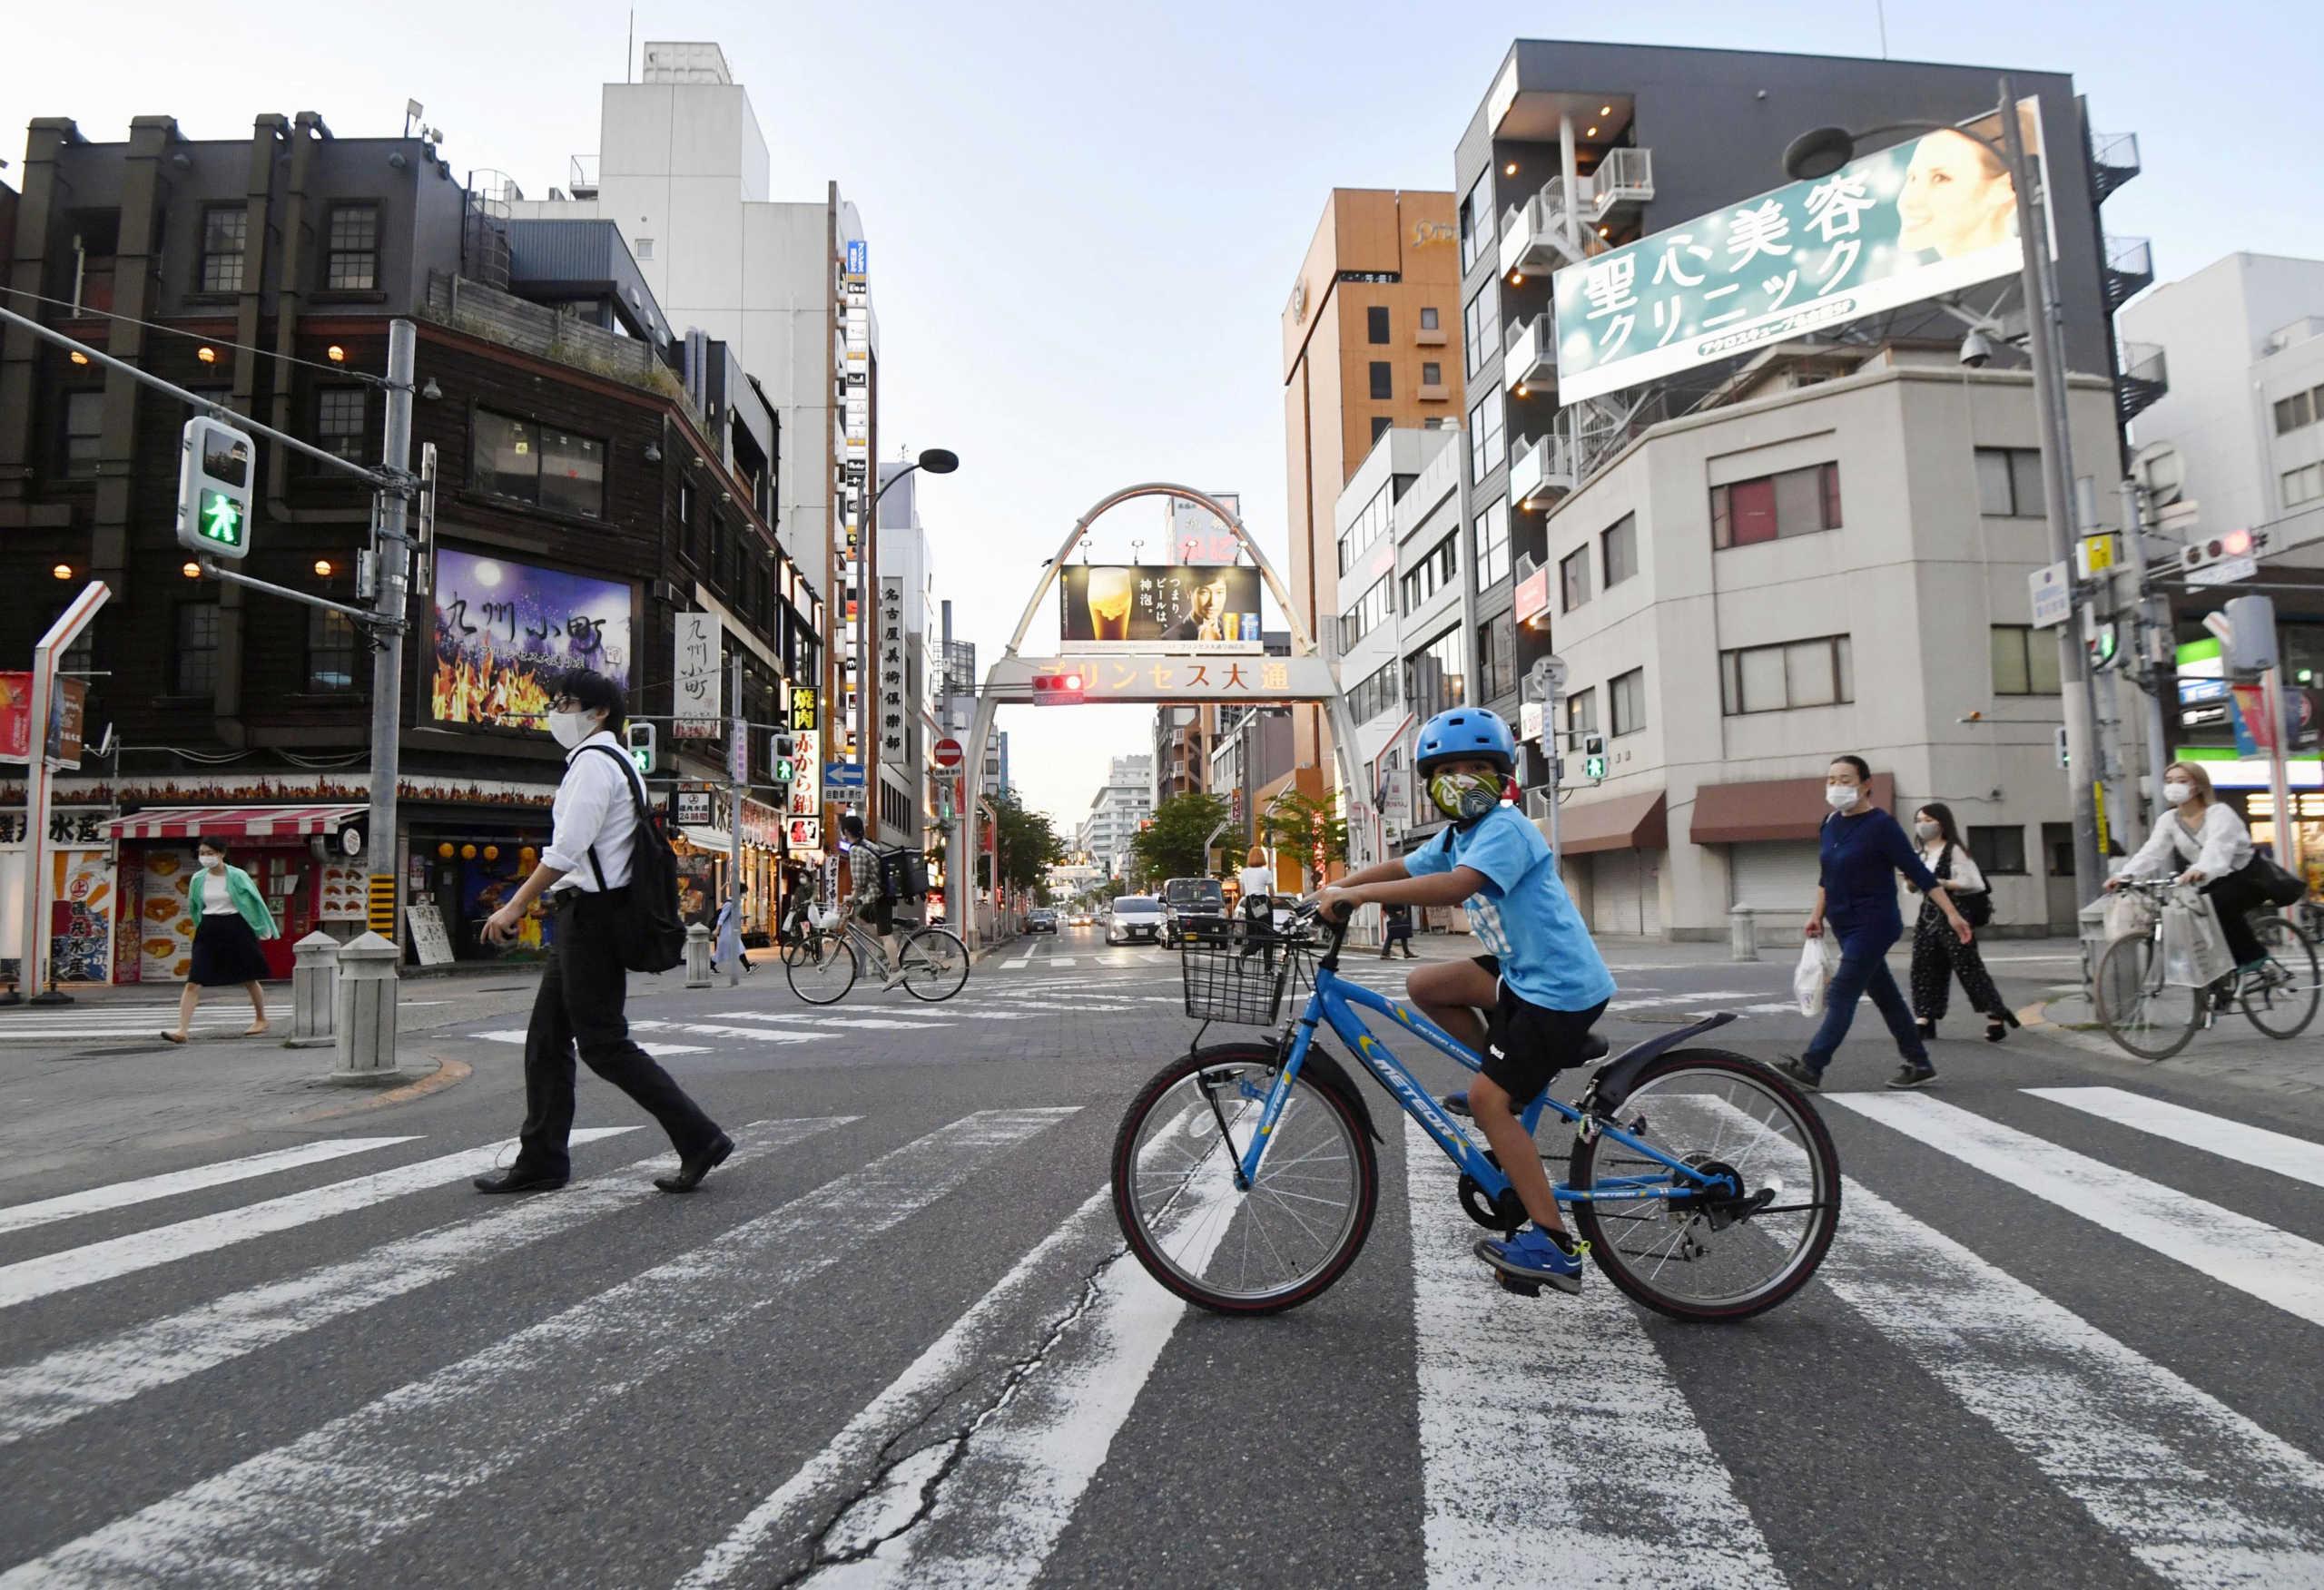 Κορονοϊός: Επιστροφή στην κανονικότητα για τις περισσότερες περιοχές στην Ιαπωνία